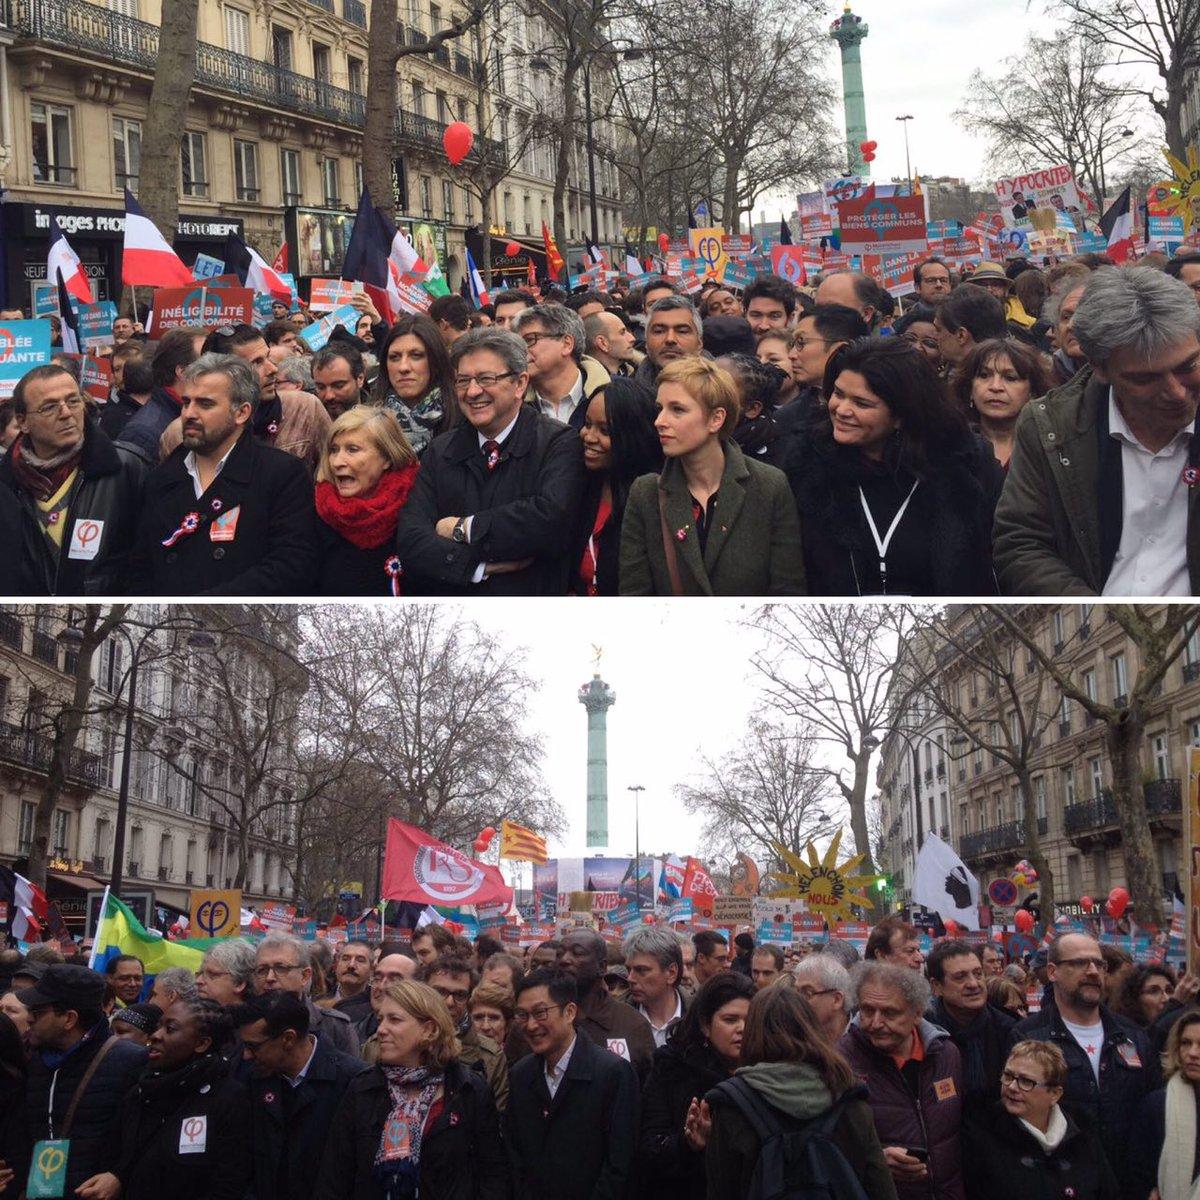 Marche pour la 6e République, c'est parti ! #18mars2017 #Bastille #République - 18mars2017.fr